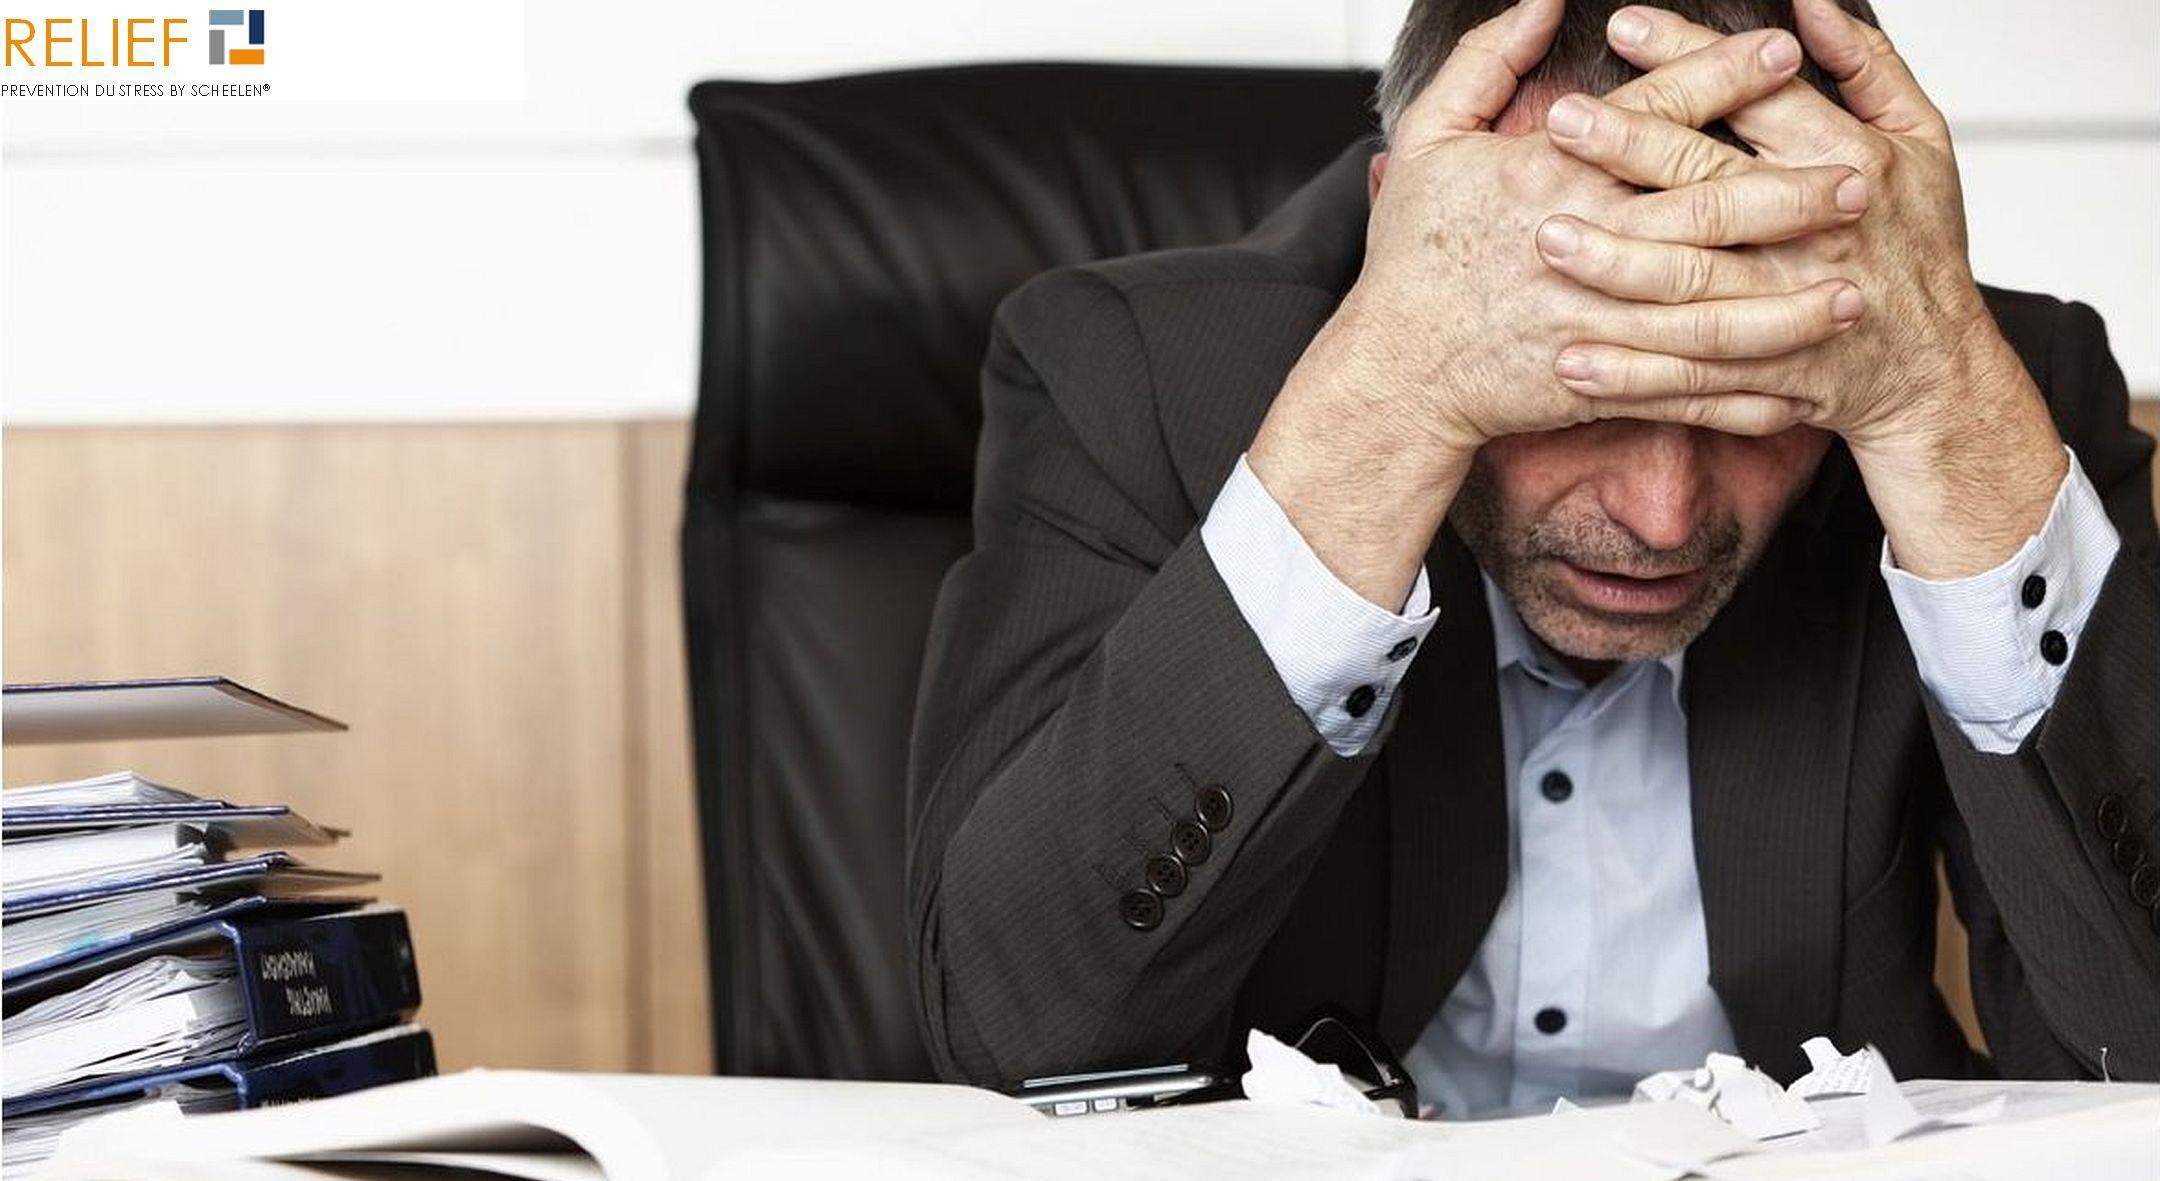 Tout le monde parle du stress - mesurez-le avec RELIEF